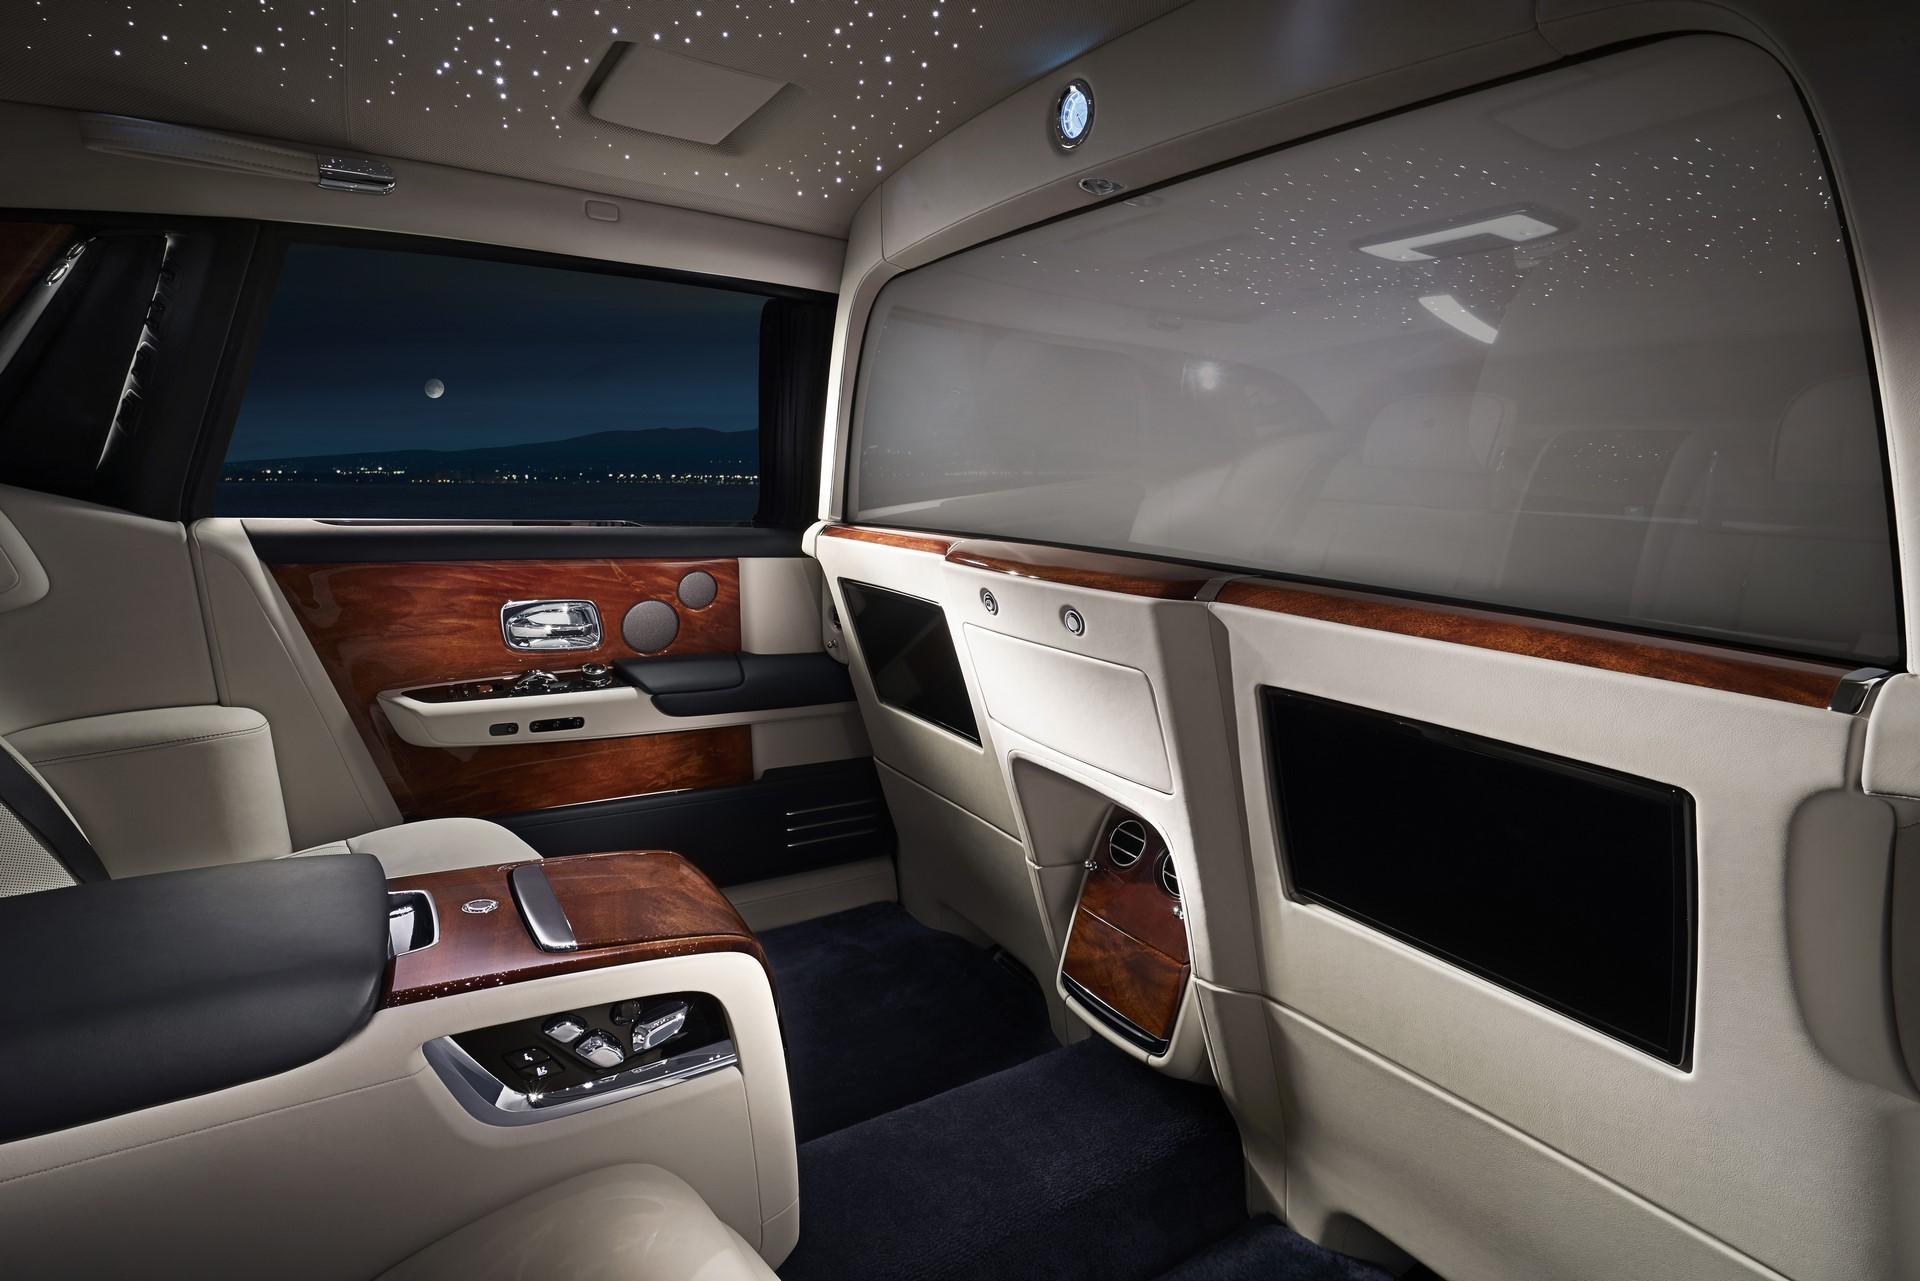 Rolls-Royce Phantom Chengdu